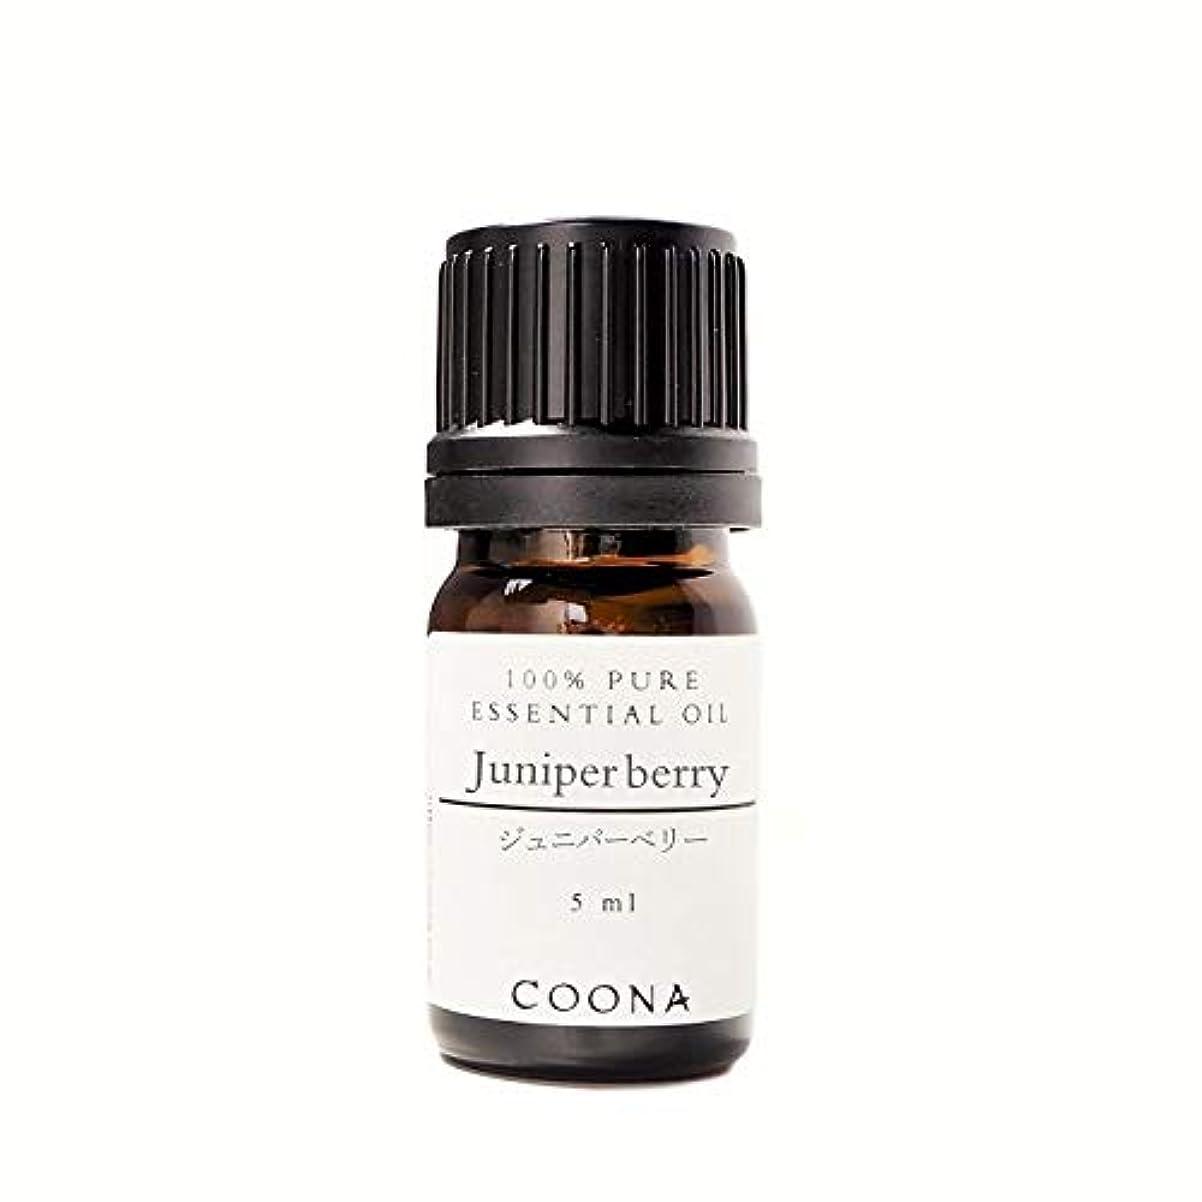 盲信悪性の大理石ジュニパーベリー 5 ml (COONA エッセンシャルオイル アロマオイル 100%天然植物精油)